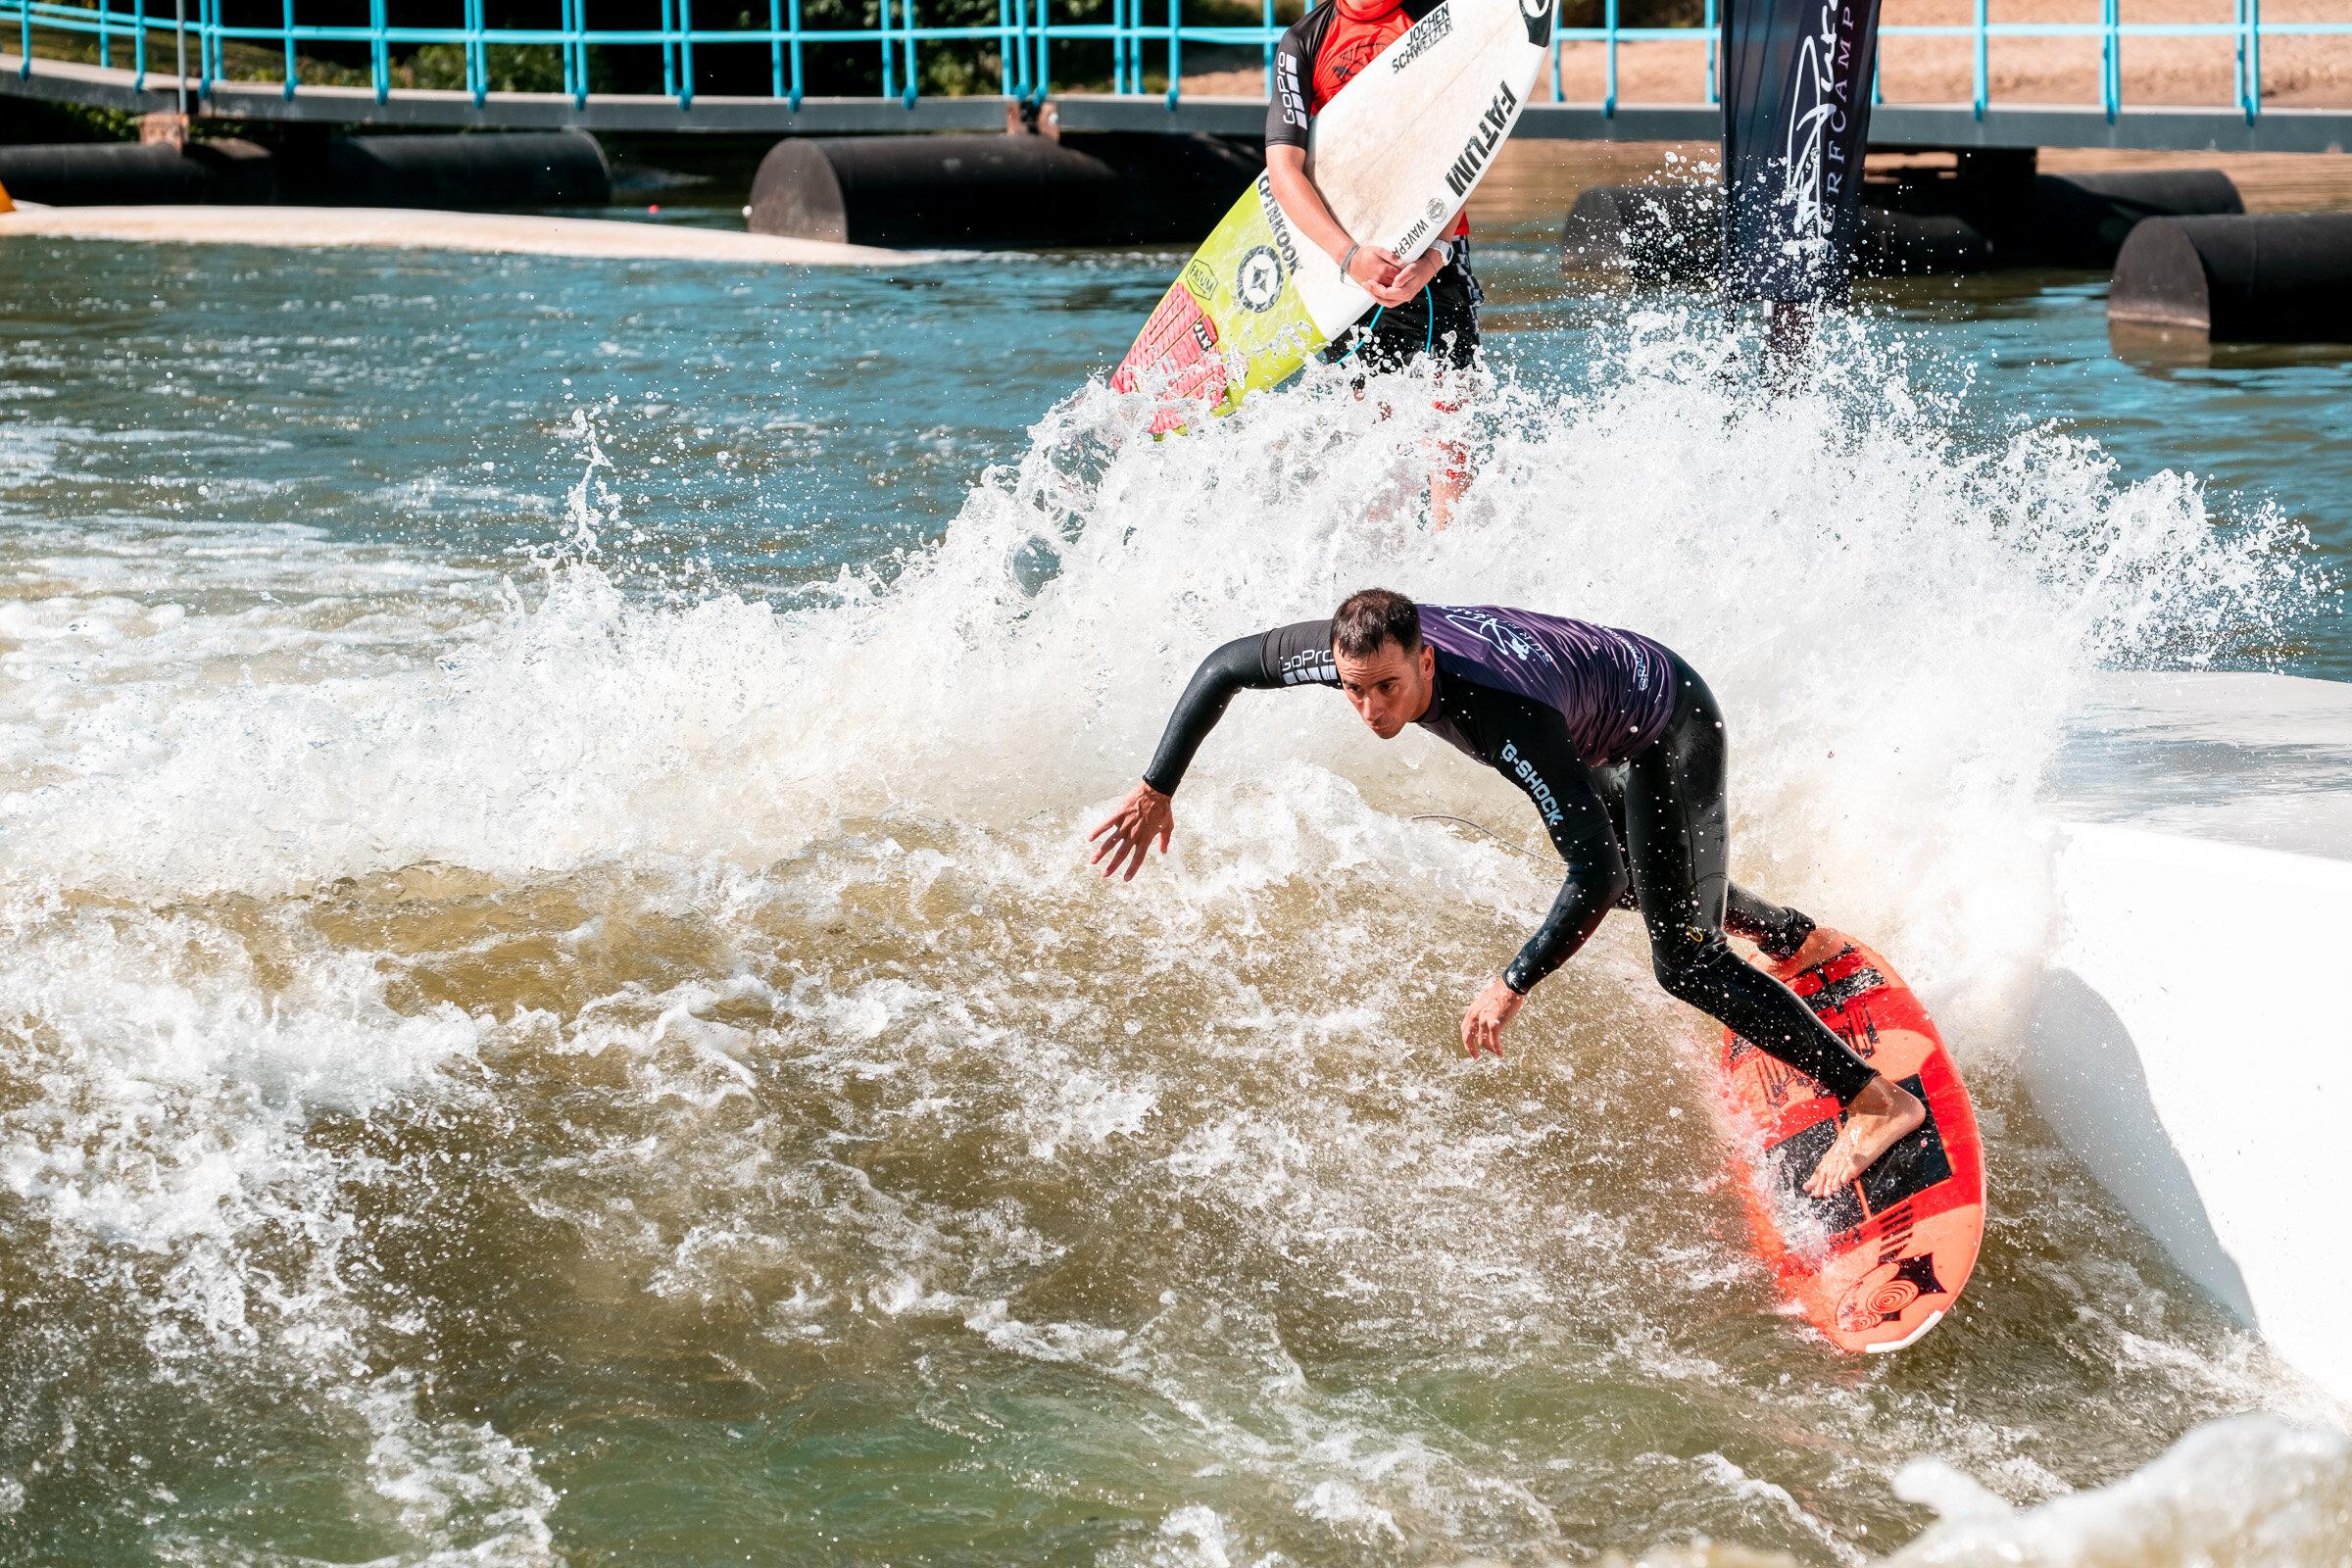 rapid-surf-contest-derKristof-39.jpg